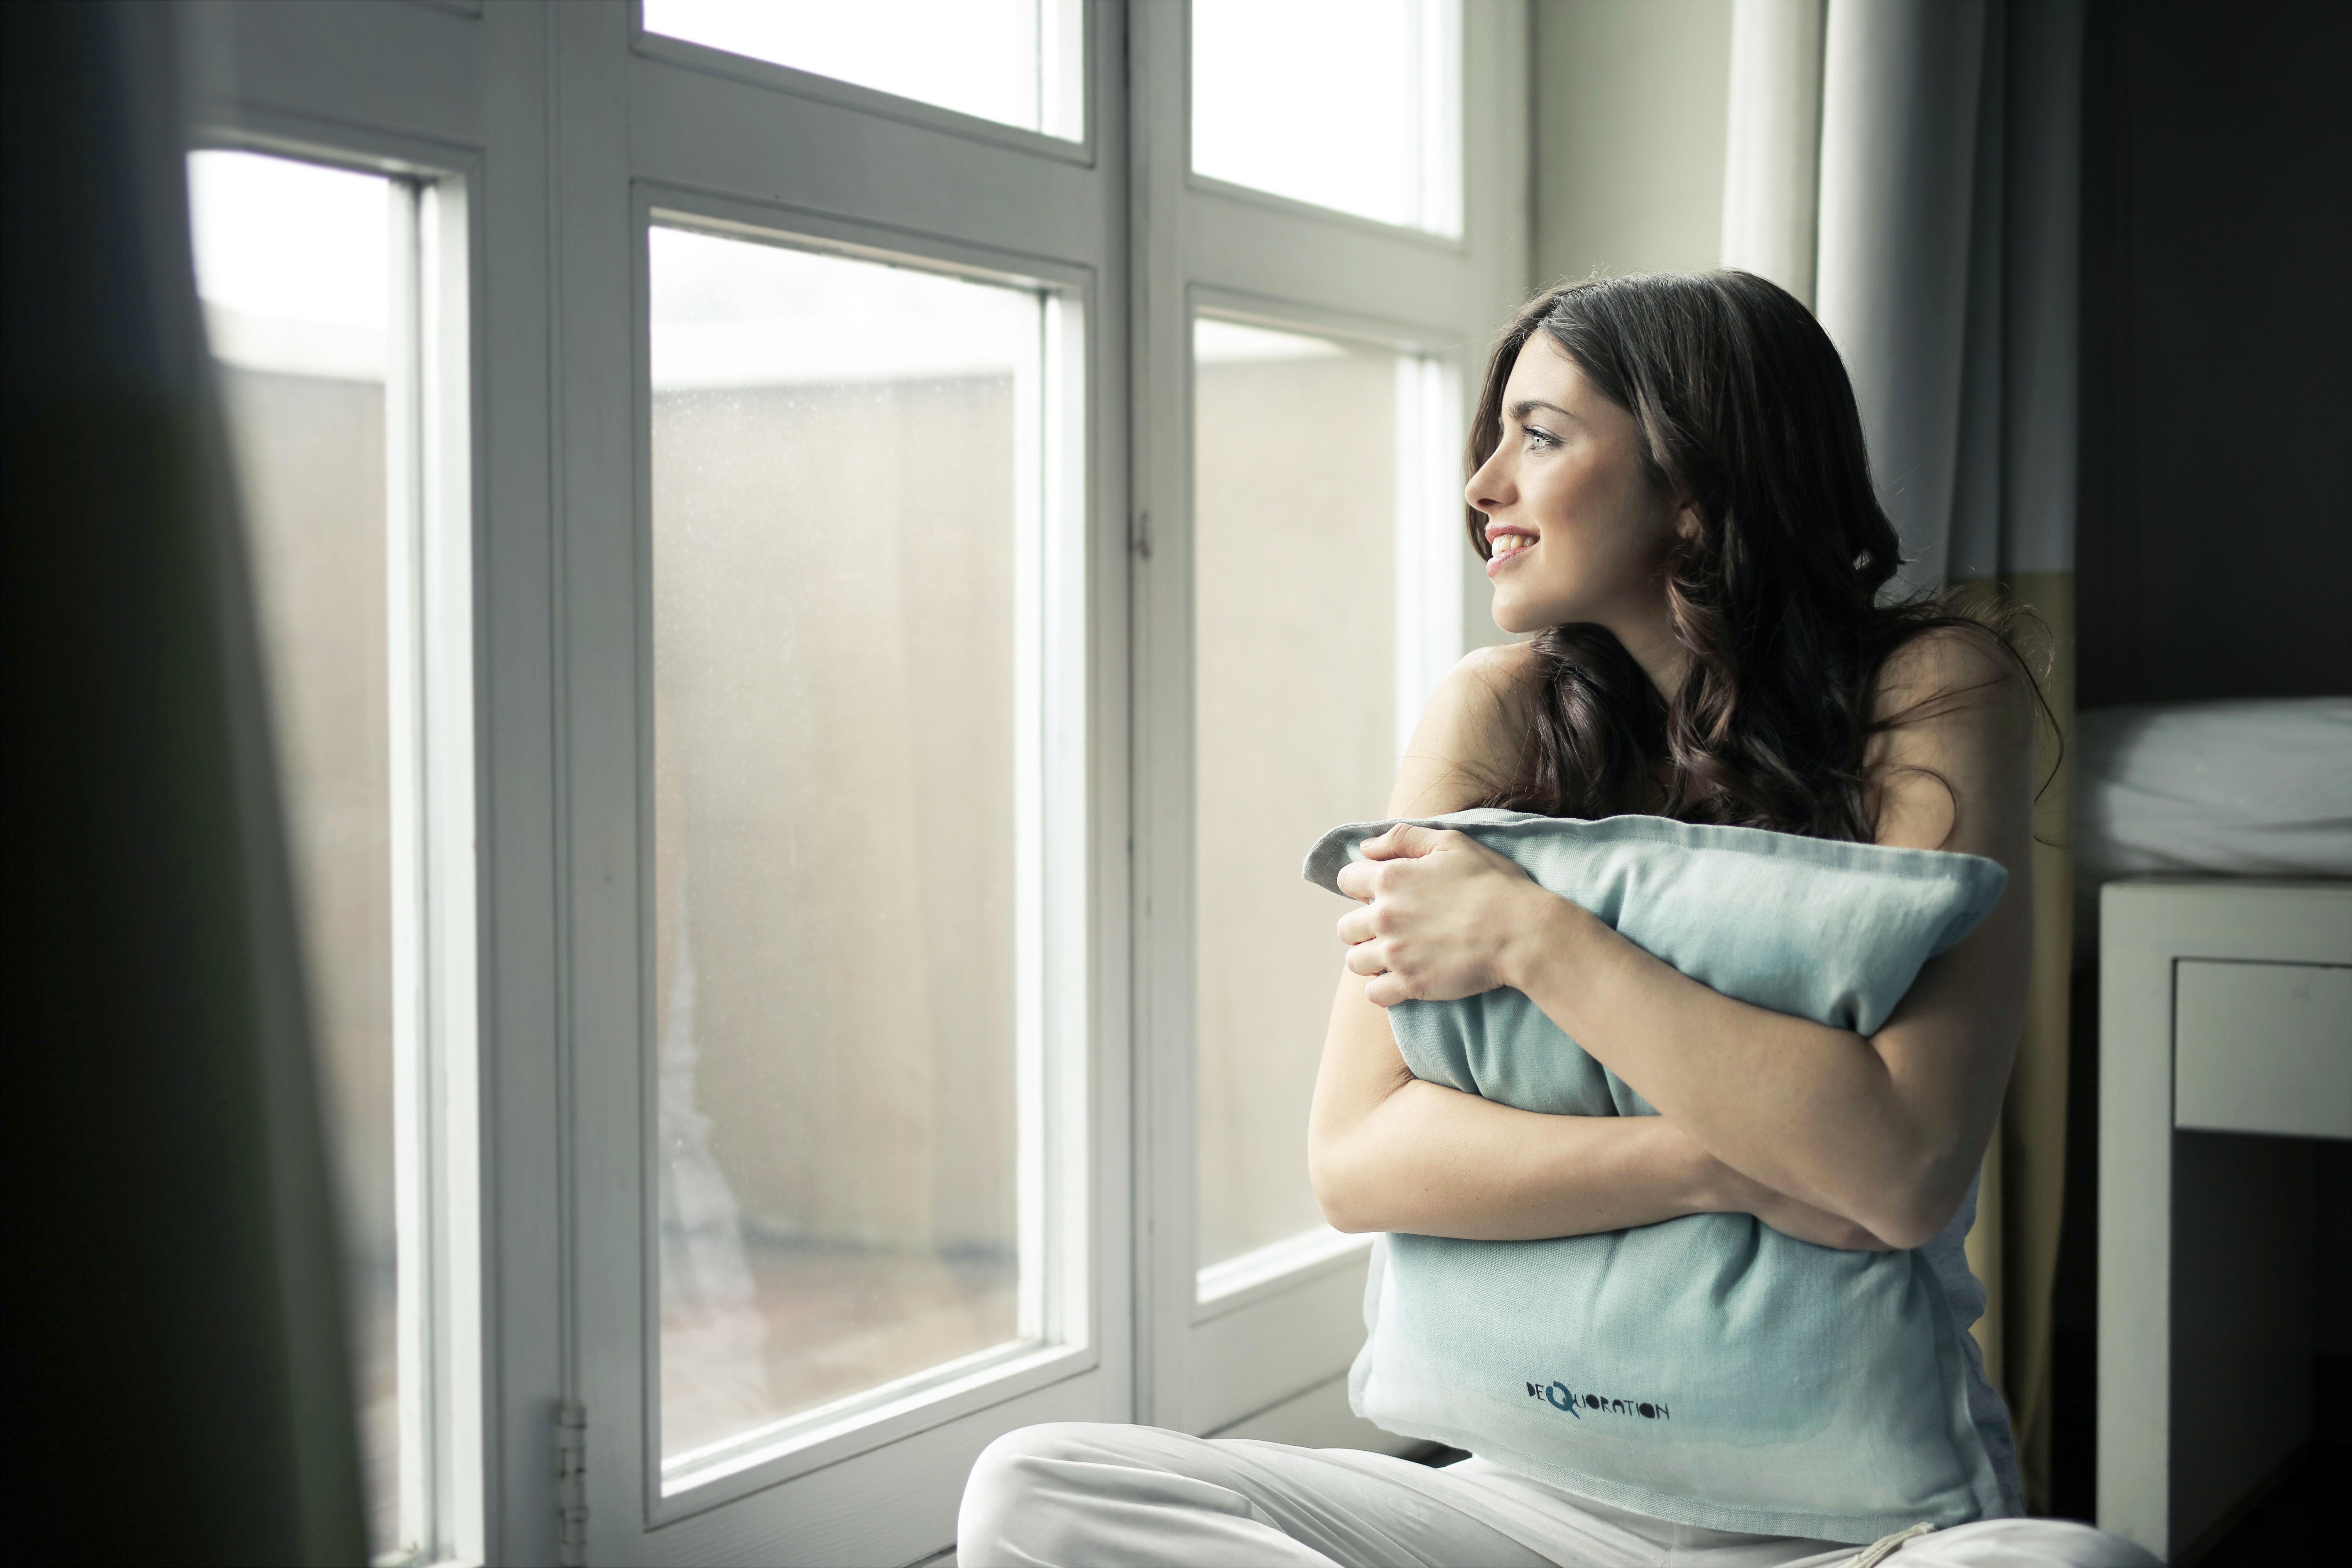 Як провести перші години на самоті й не картати себе за байдикування